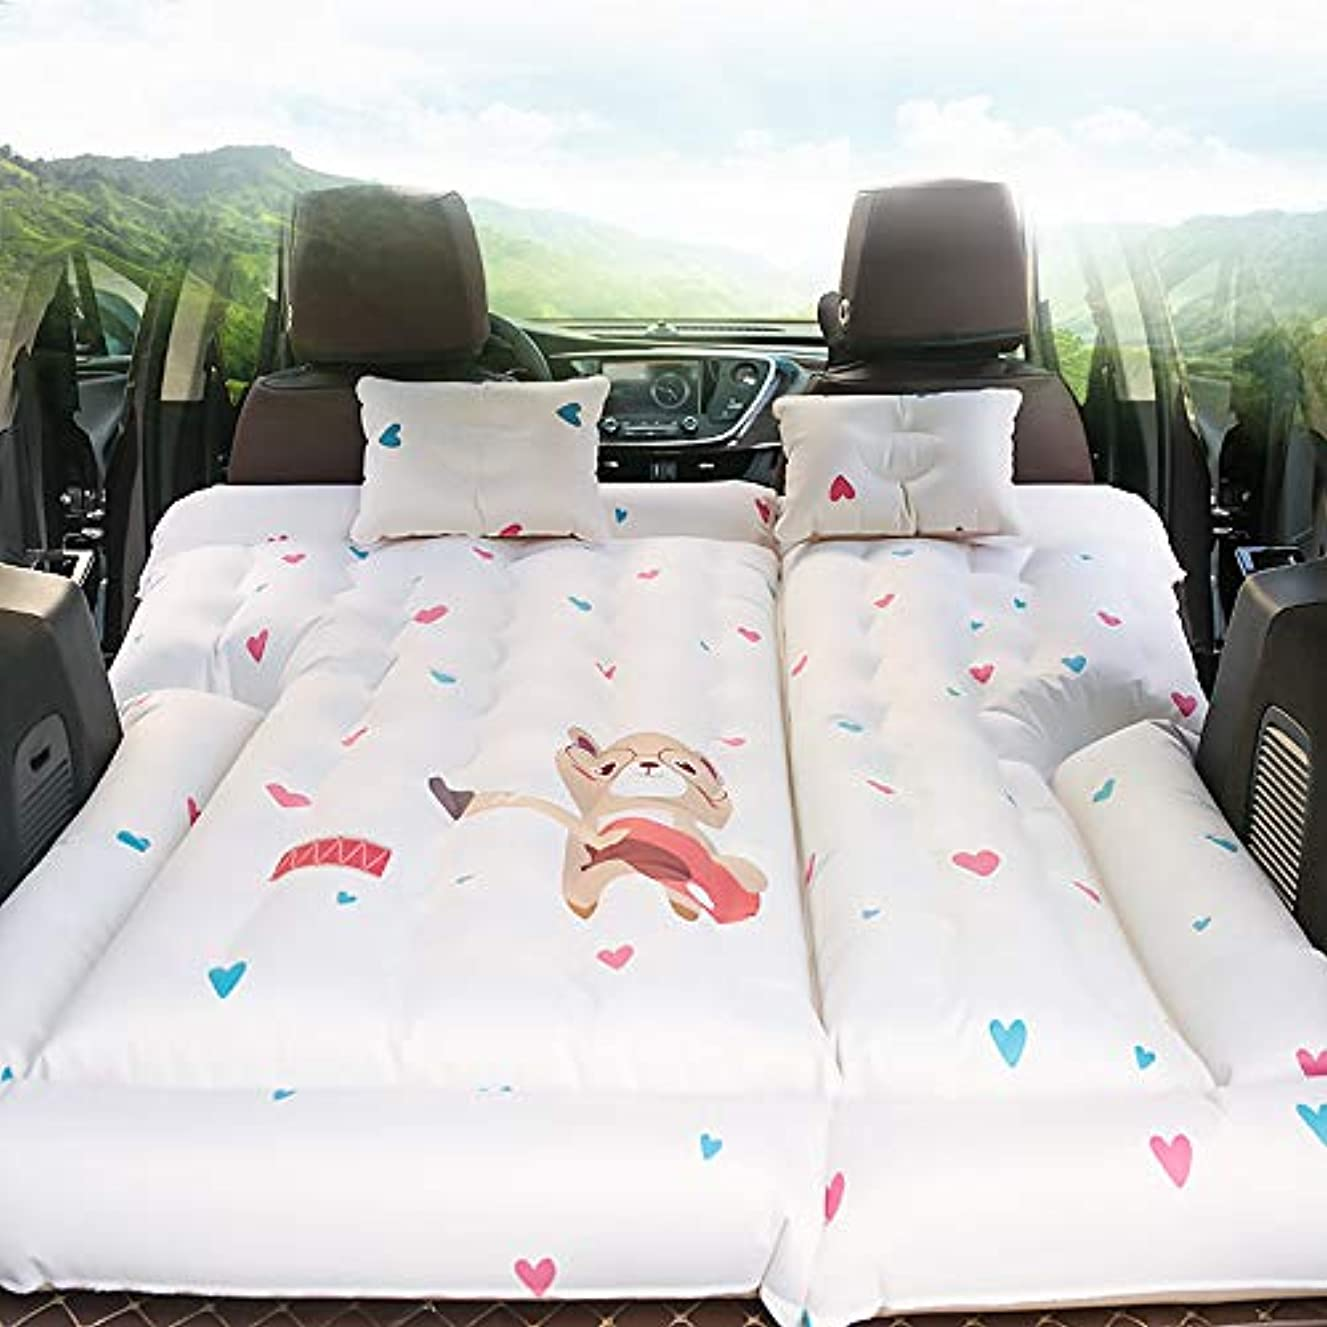 配送巨大なあなたのもの旅行のための2つの空気枕空気ポンプが付いている多機能膨脹可能な車のマットレスの空気ベッドのクッション